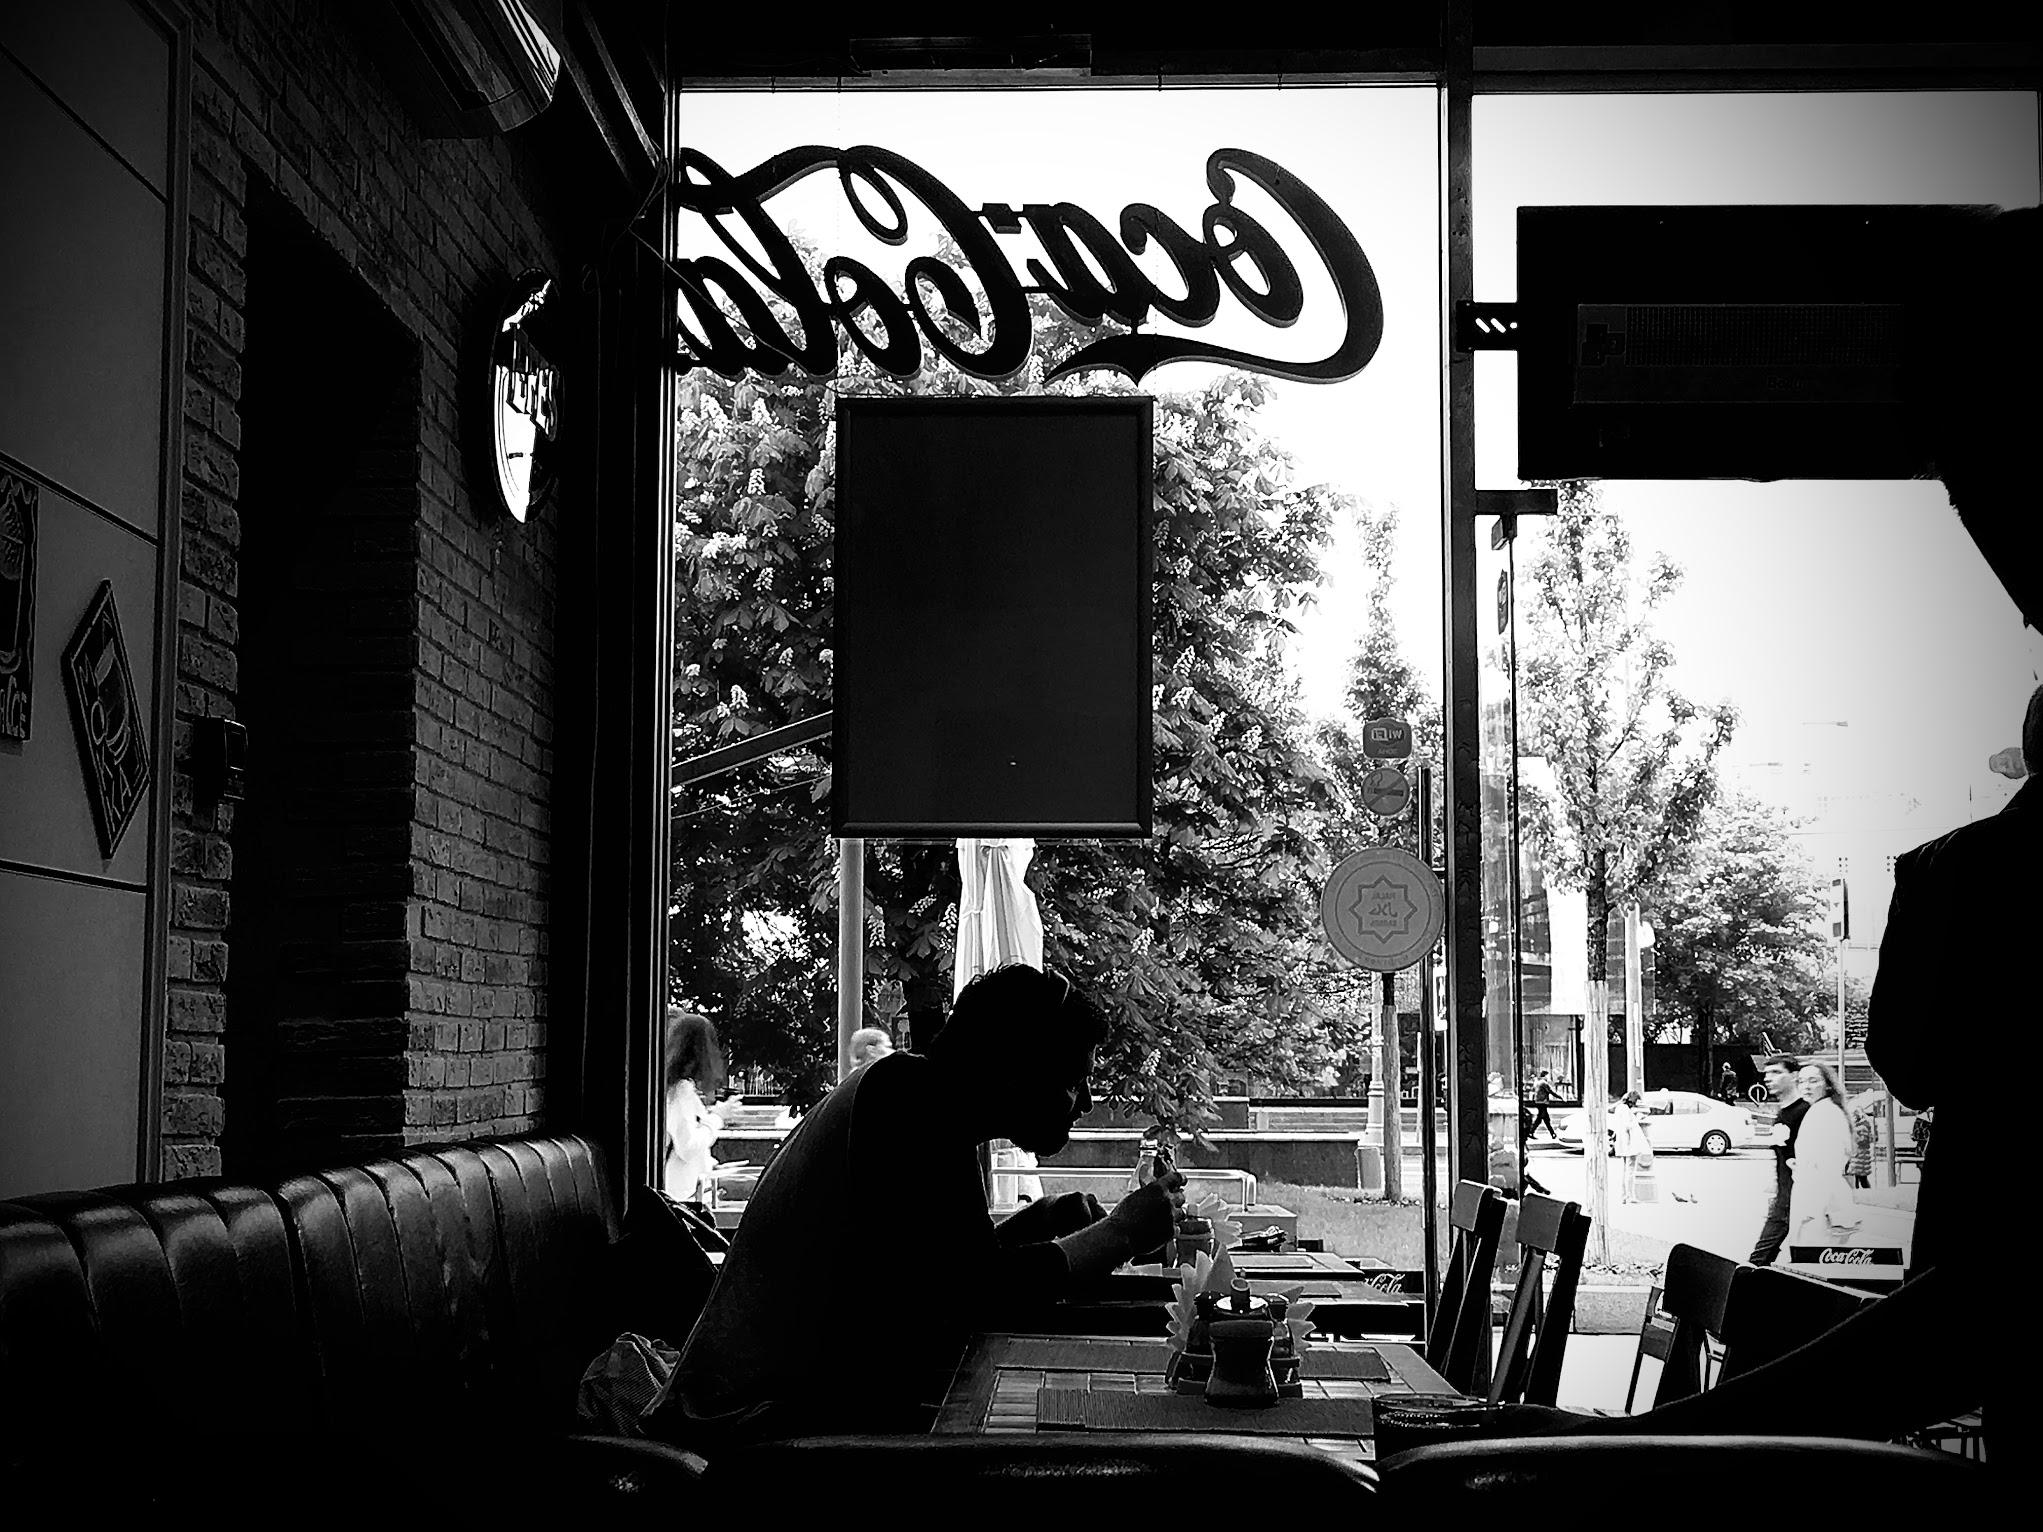 Una cafetería en el centro de Moscú.